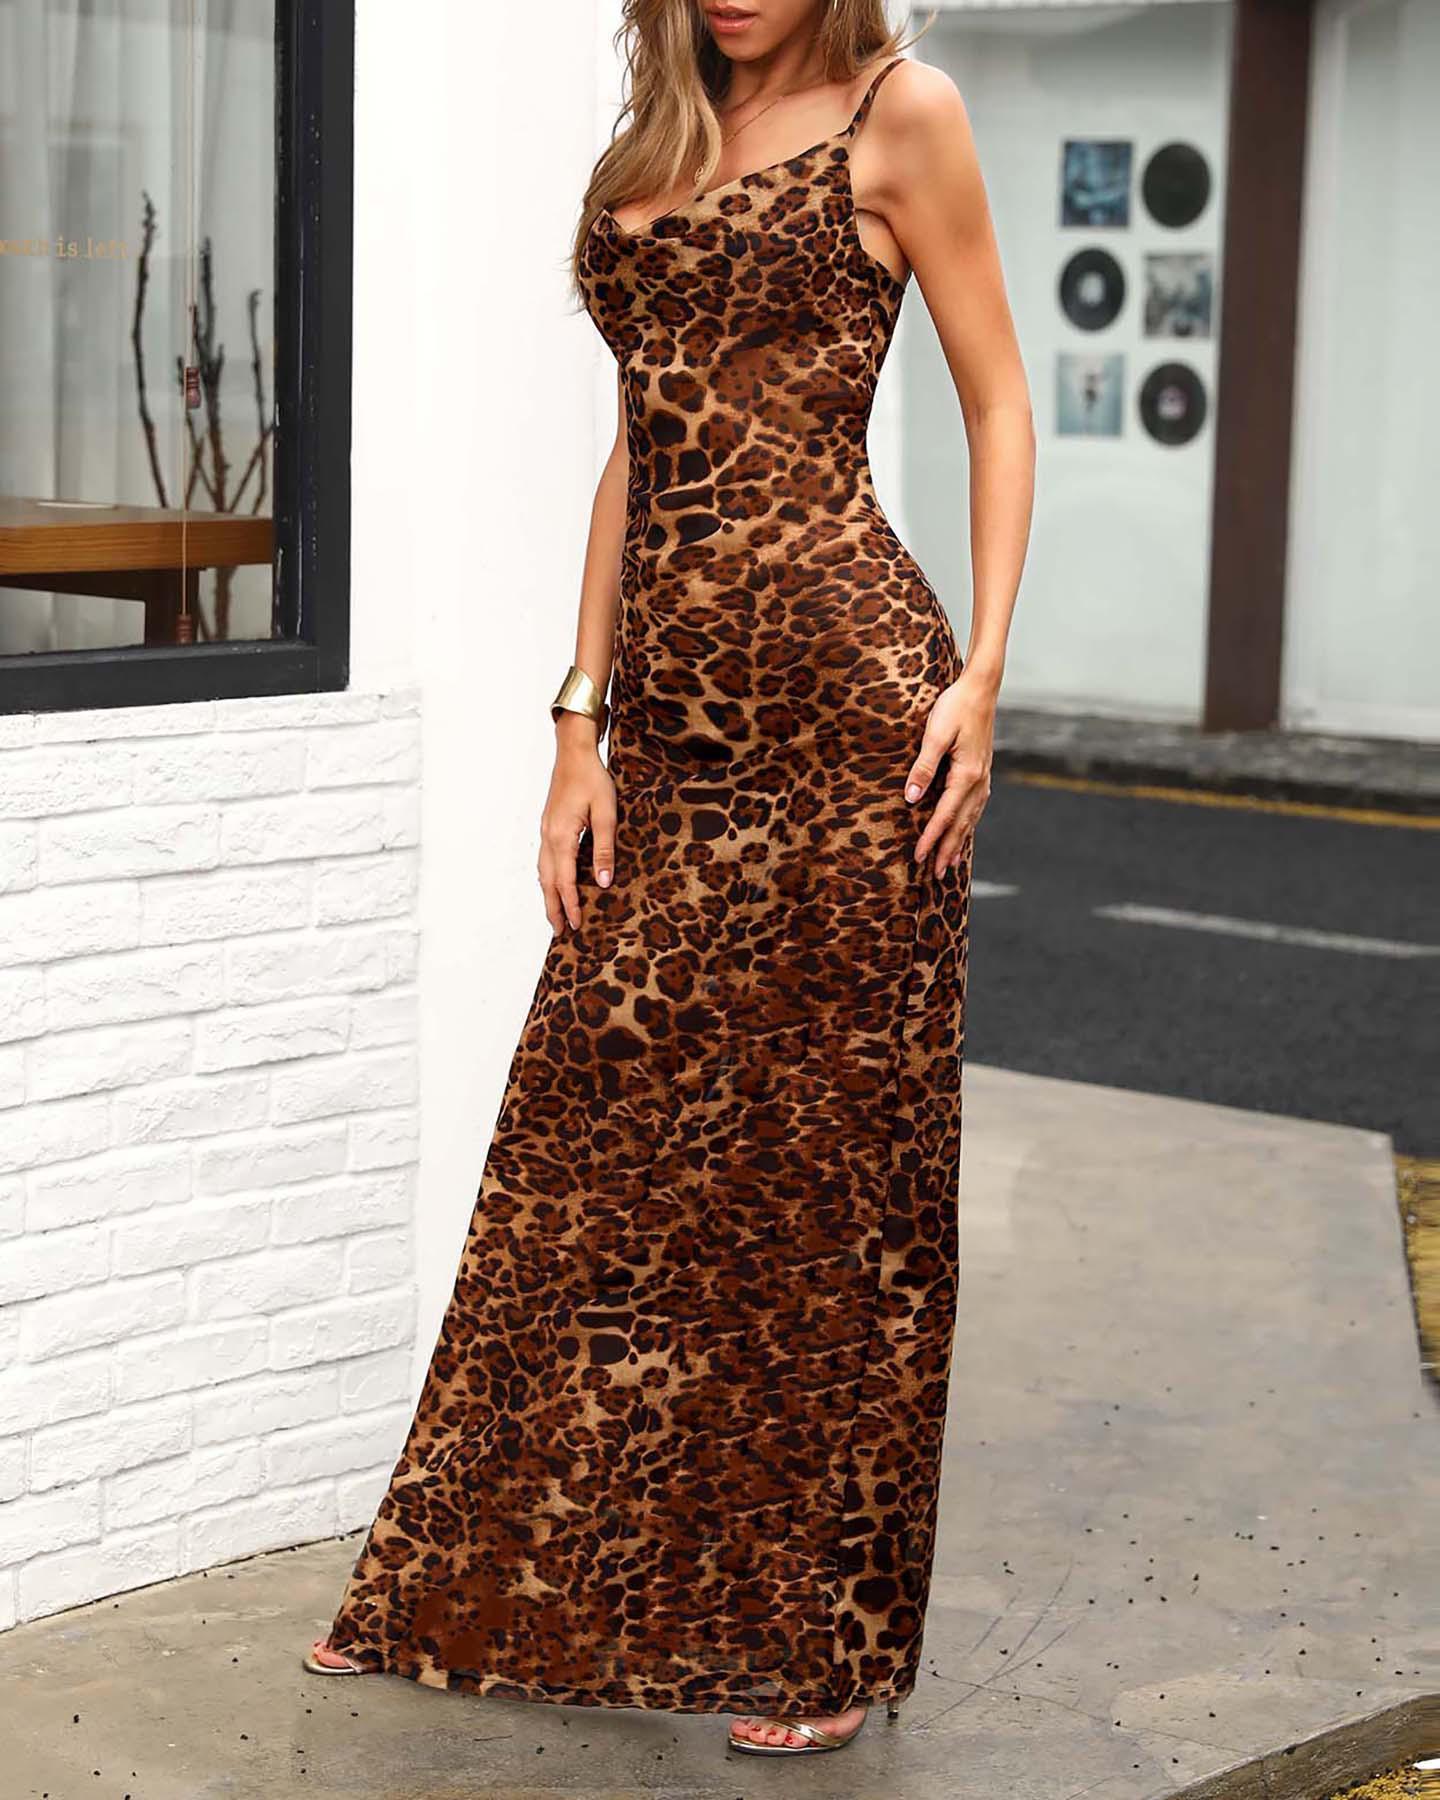 ivrose / Vestido largo con estampado de leopardo y correa de espagueti